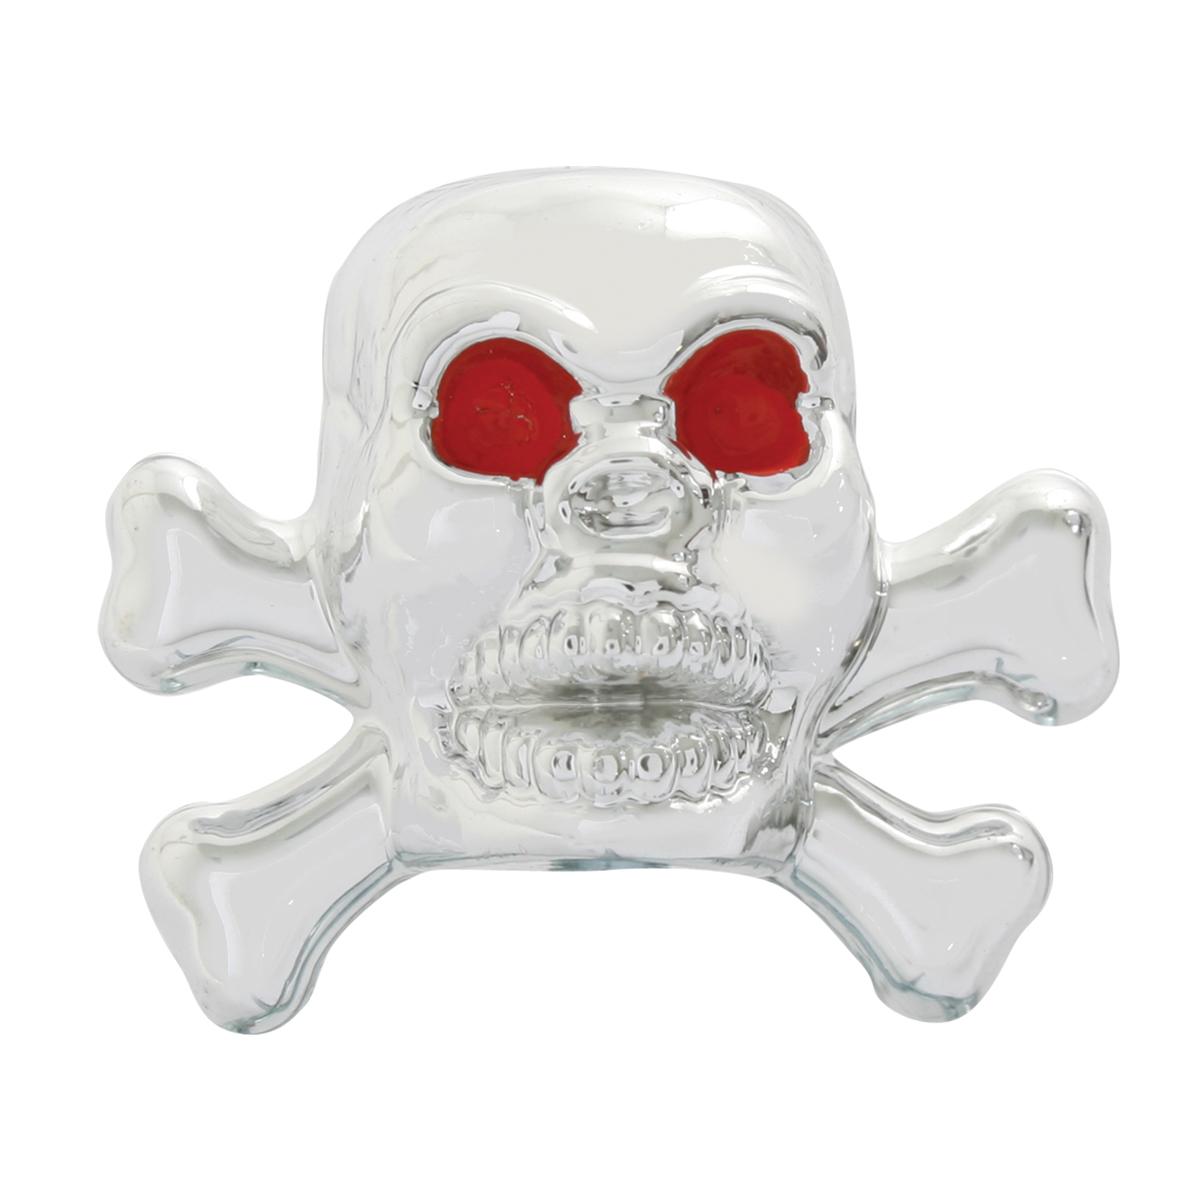 #93405 Chrome Plastic Skull Tire Valve Stem Cover w/Red Eyes